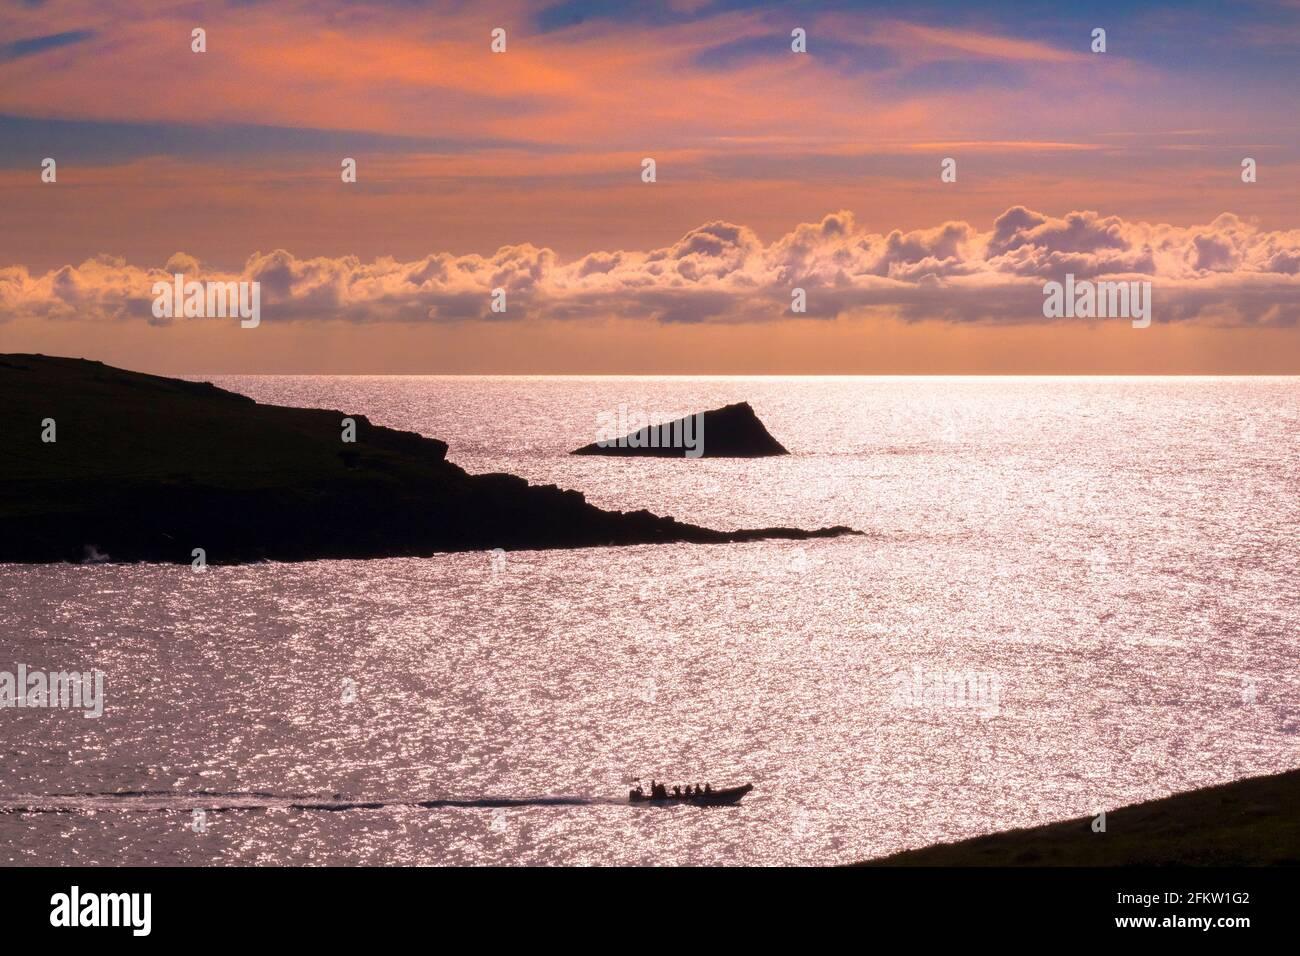 Un bateau à moteur touristique naviguant au-delà de Pentire point West et Le Chick une île rocheuse inhabitée silhouettée par un coloré Coucher de soleil à Newquay à Cornwal Banque D'Images